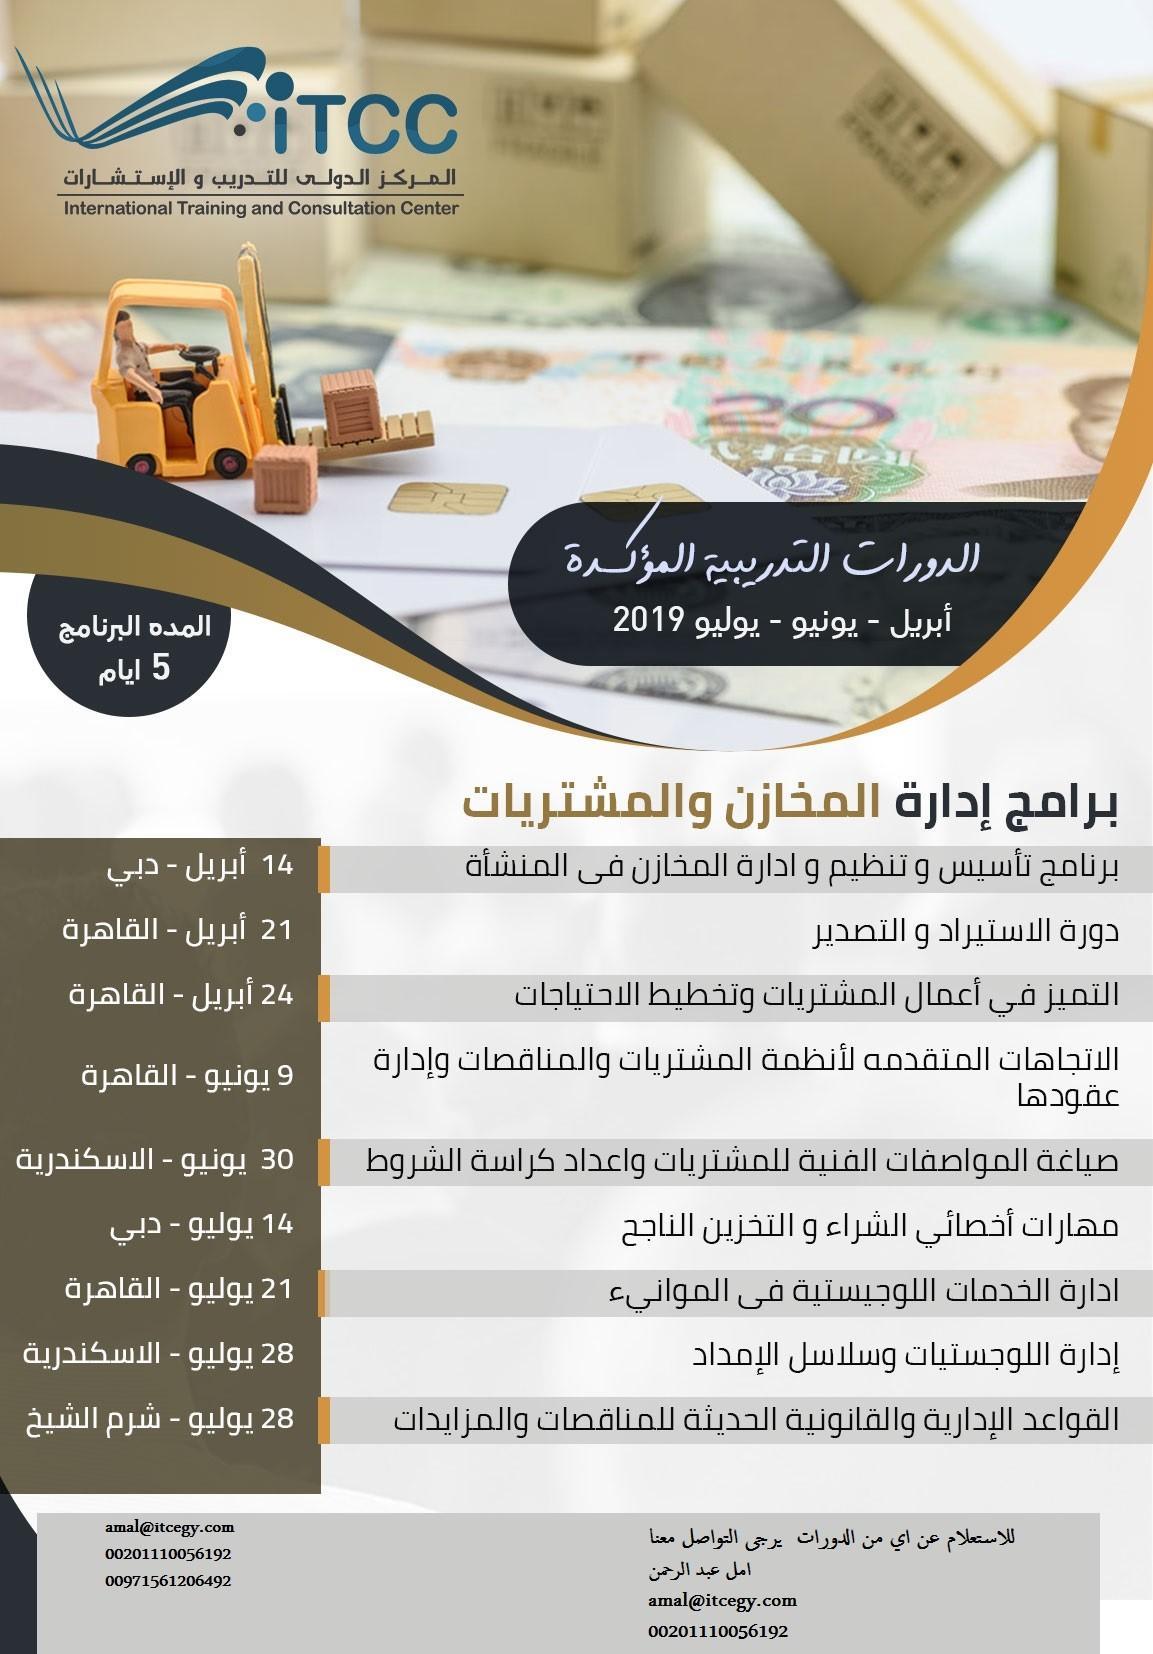 دورة إدارة الخدمات اللوجستية المؤسسات